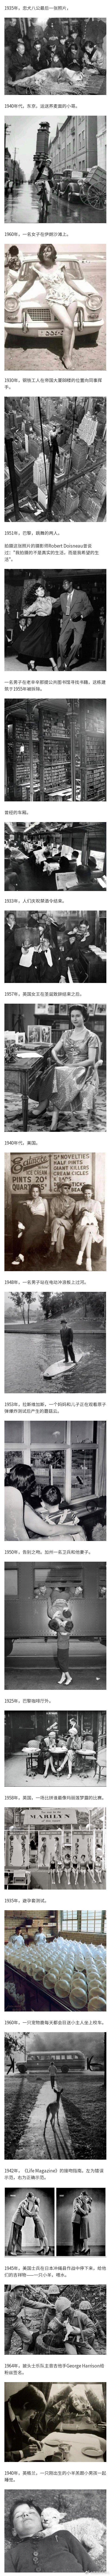 一两百年前,人们的生活是怎样的?这些照片让人瞬间穿越了…